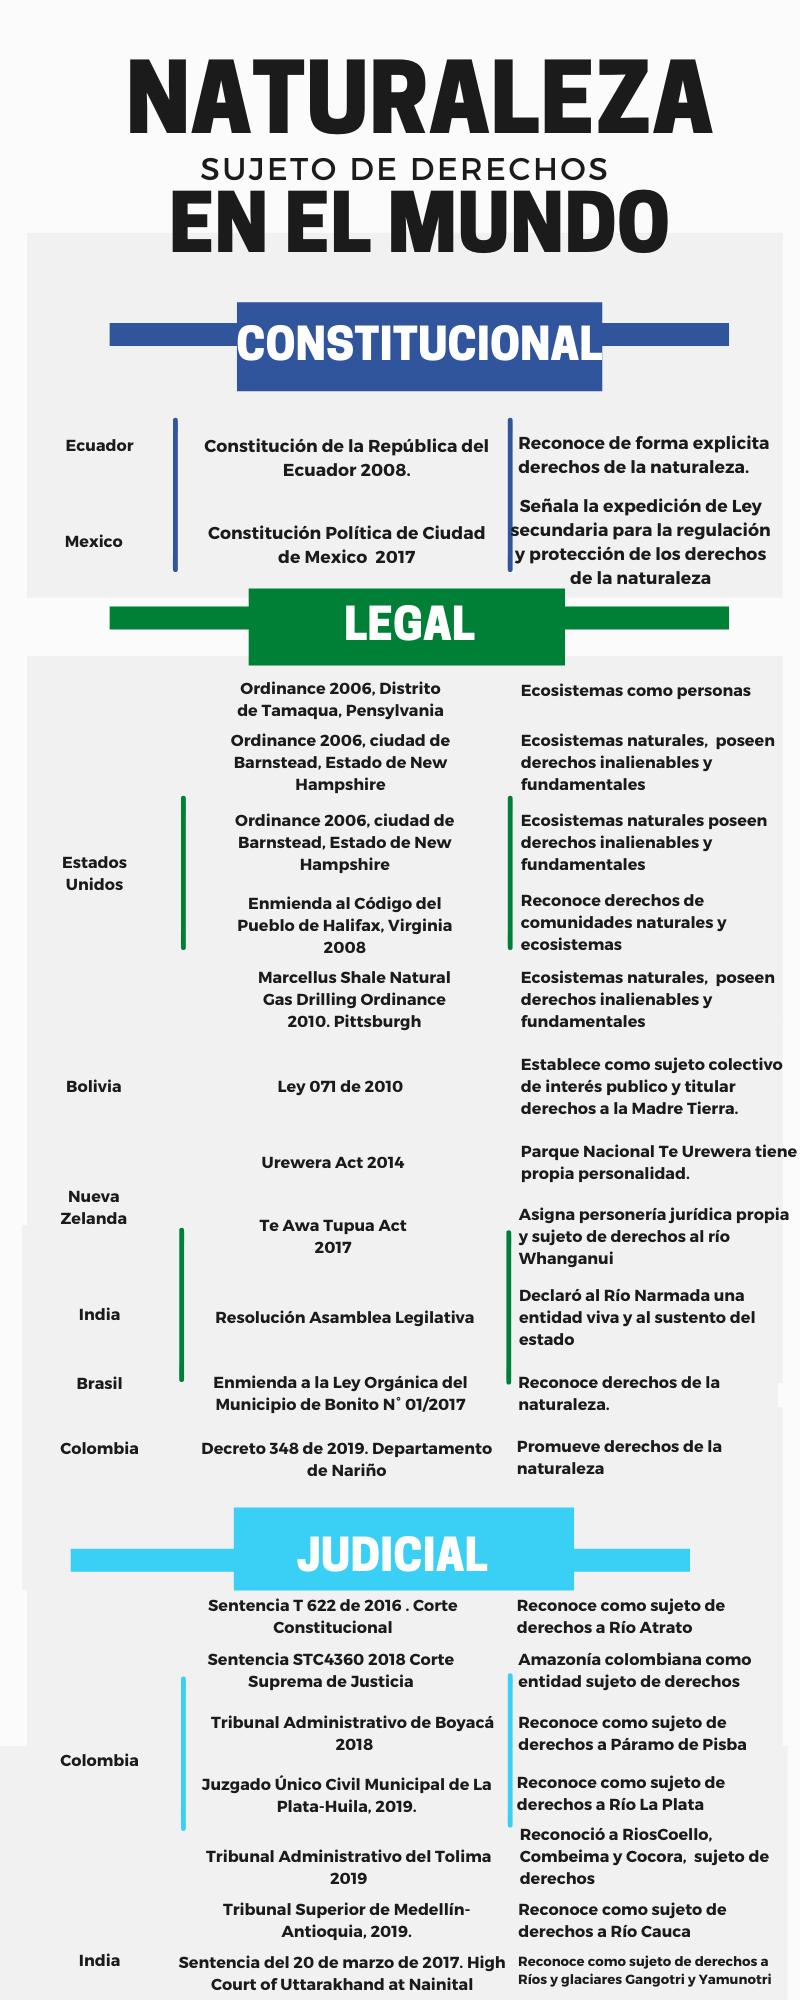 Elaboración propia. Fuente: (Martínez & Porcelli, 2017)